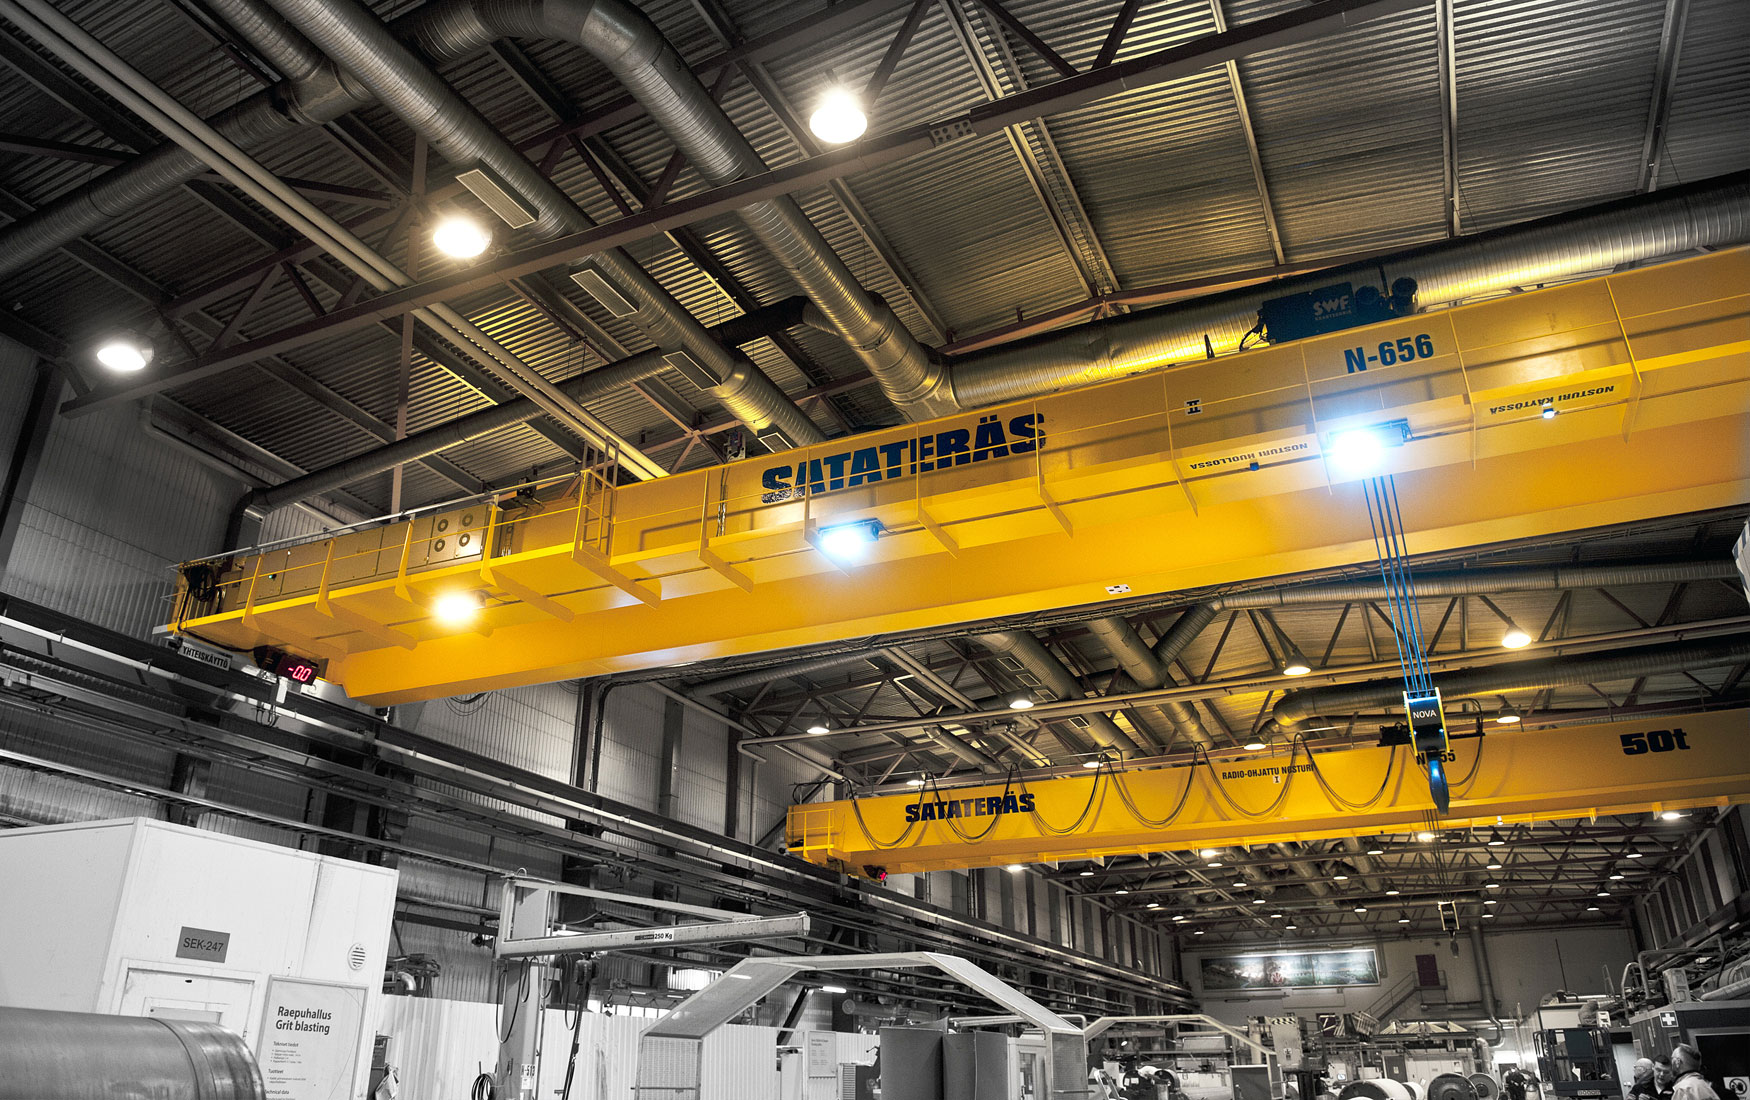 teollisuus-metalliteollisuus-teollisuuden-siltanosturit-satateras-siltanosturi-4